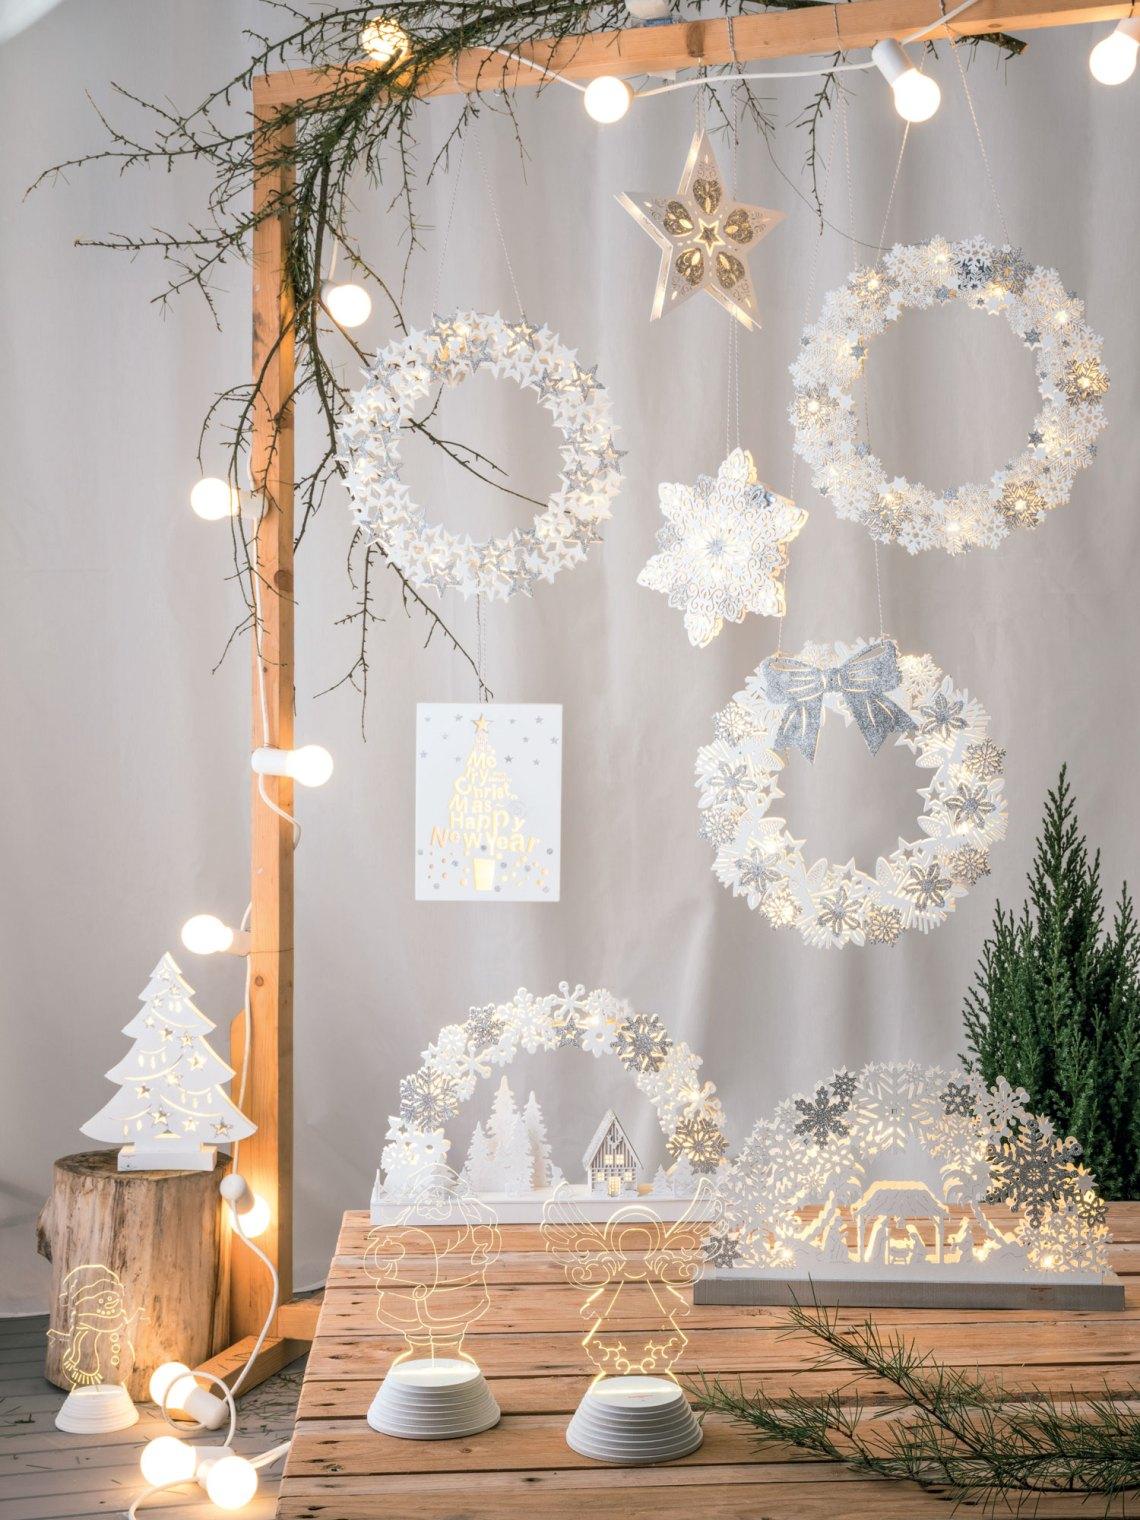 come decorare la casa per natale - ghirlande natalizie